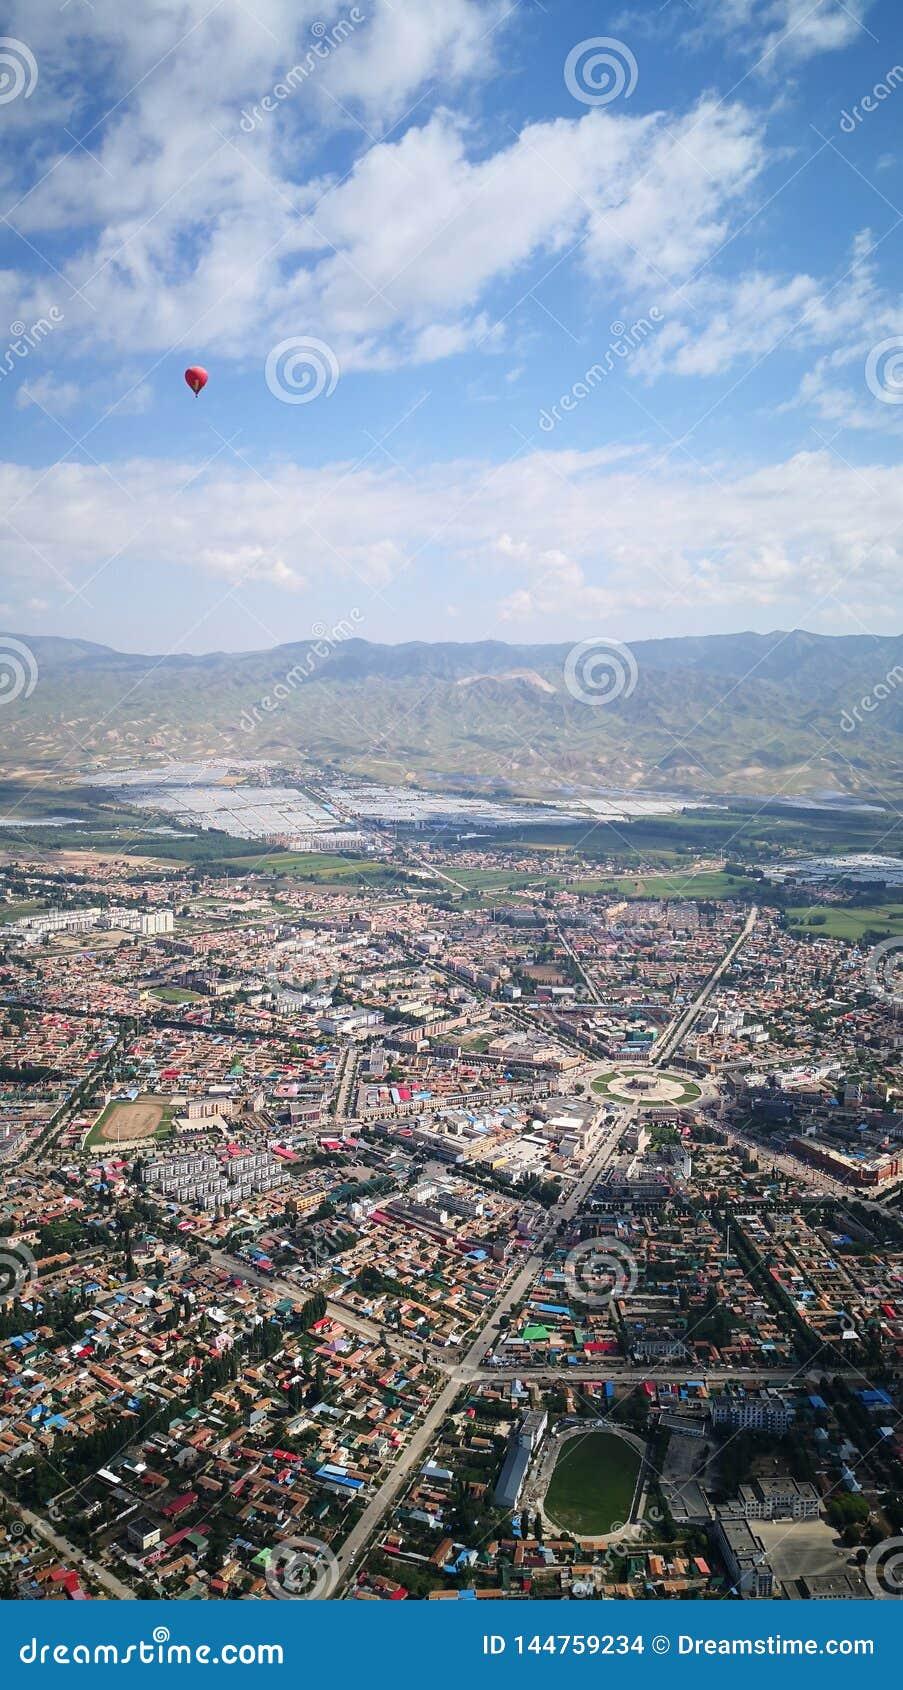 Overlooking gossip city in the air